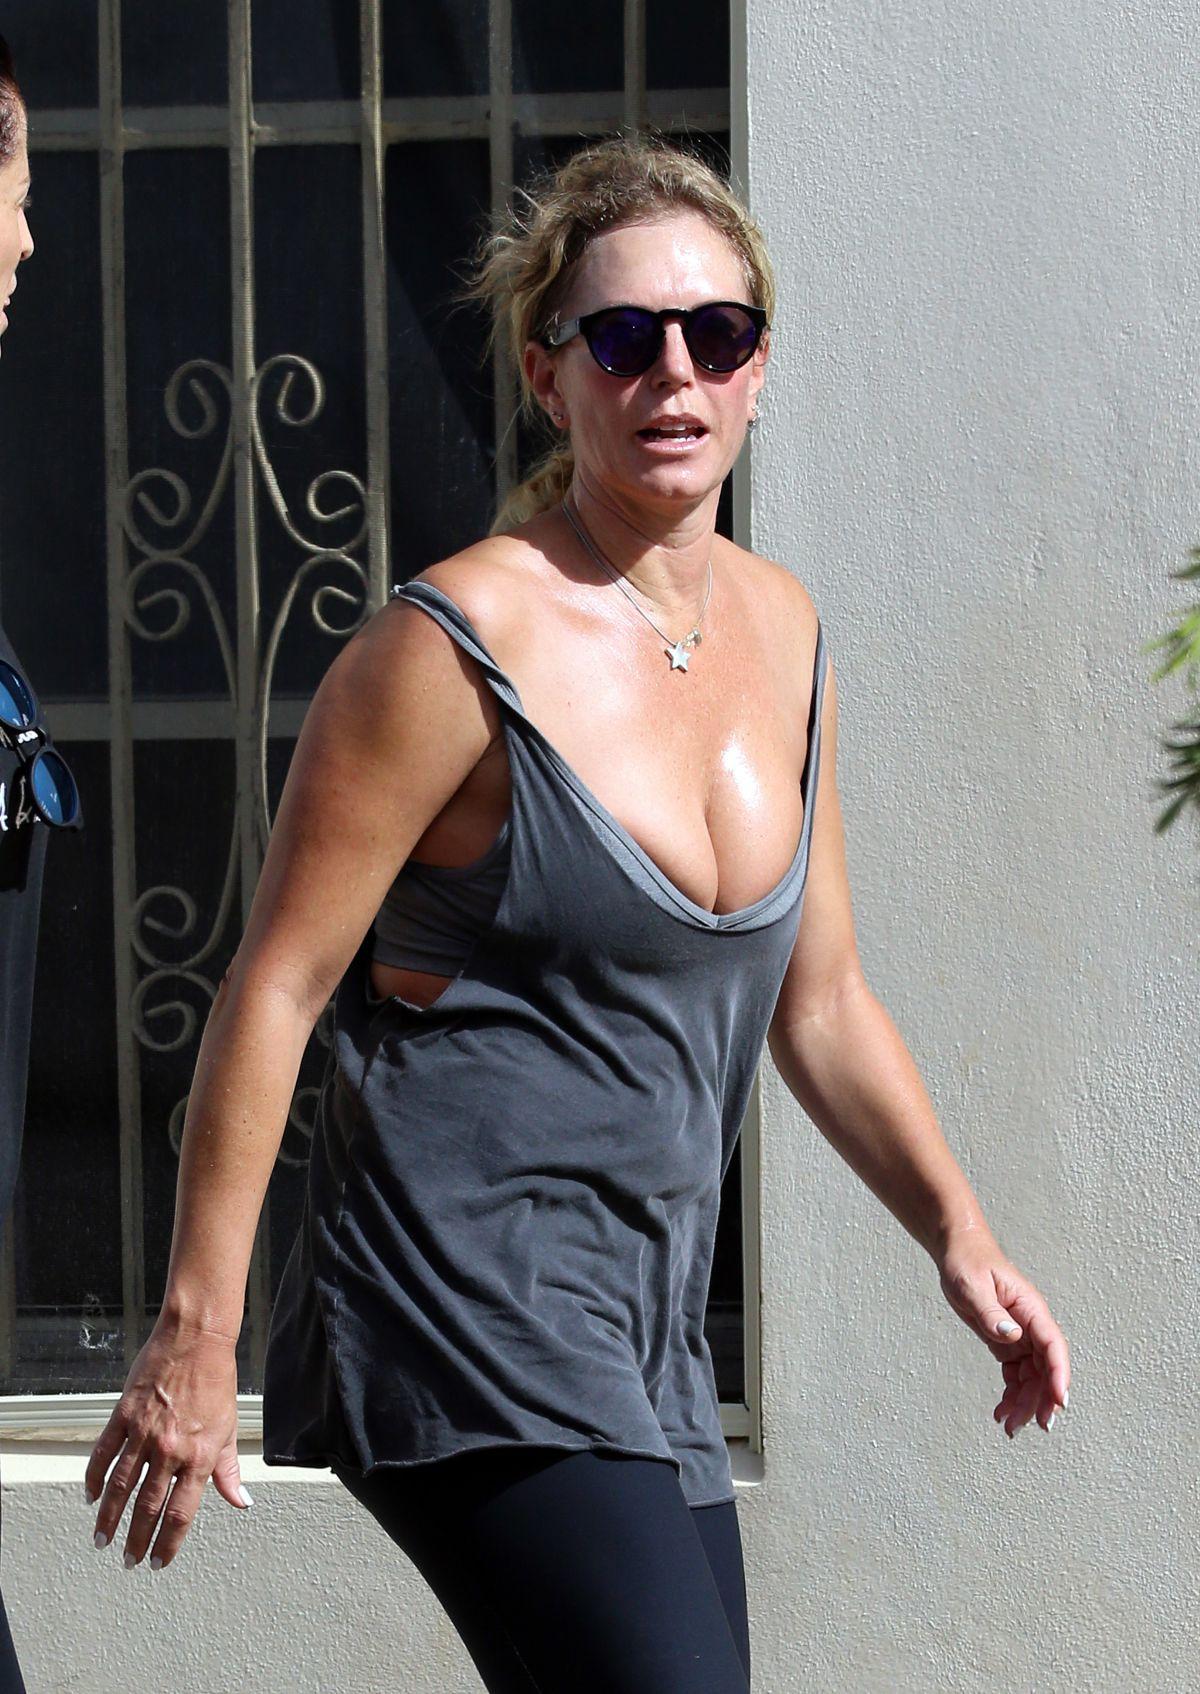 Annalise Braakensiek nude (49 photo), Pussy, Cleavage, Twitter, in bikini 2018